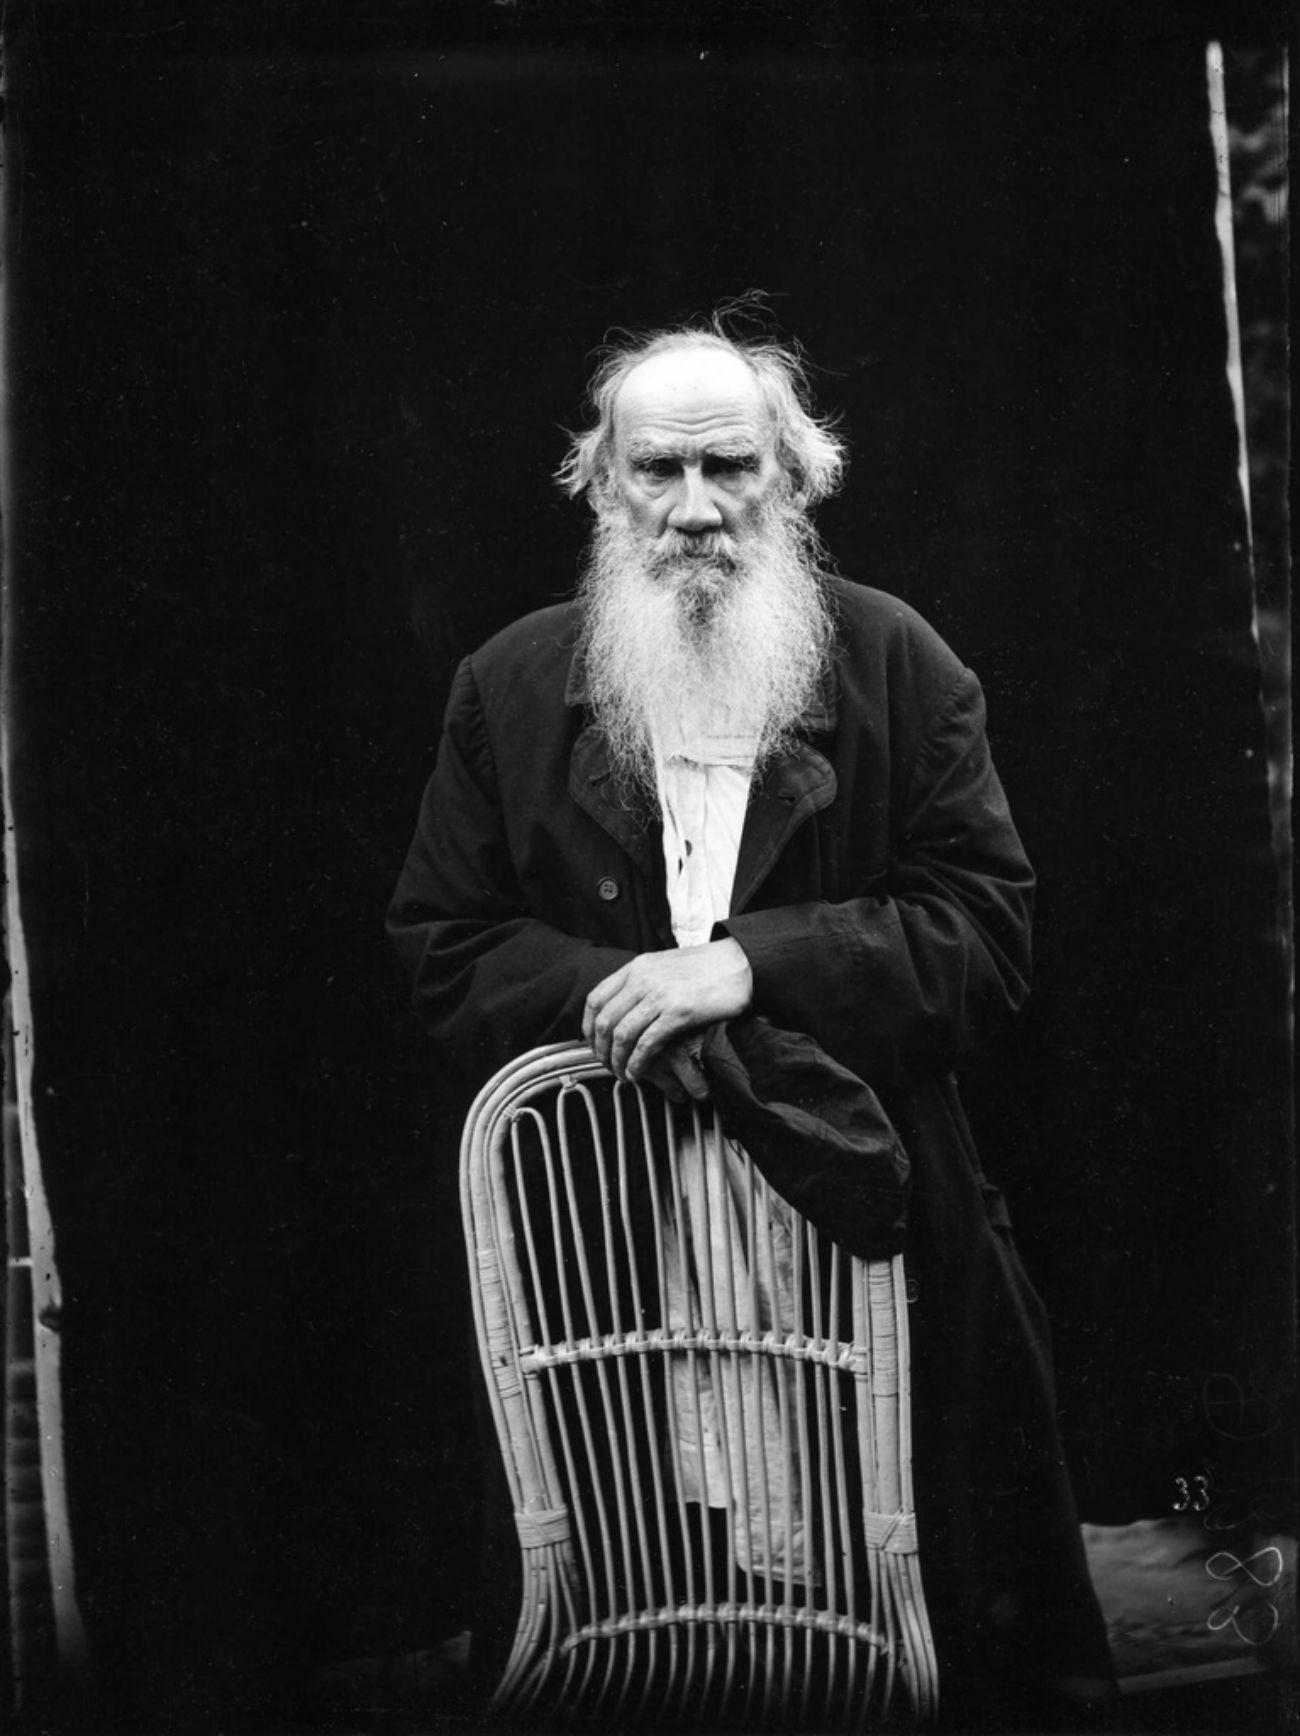 O conde Tolstói, que não só alcançou a fama mundial com seus livros, como também virou praticamente objeto de adoração e fundador do movimento tolstoísta.